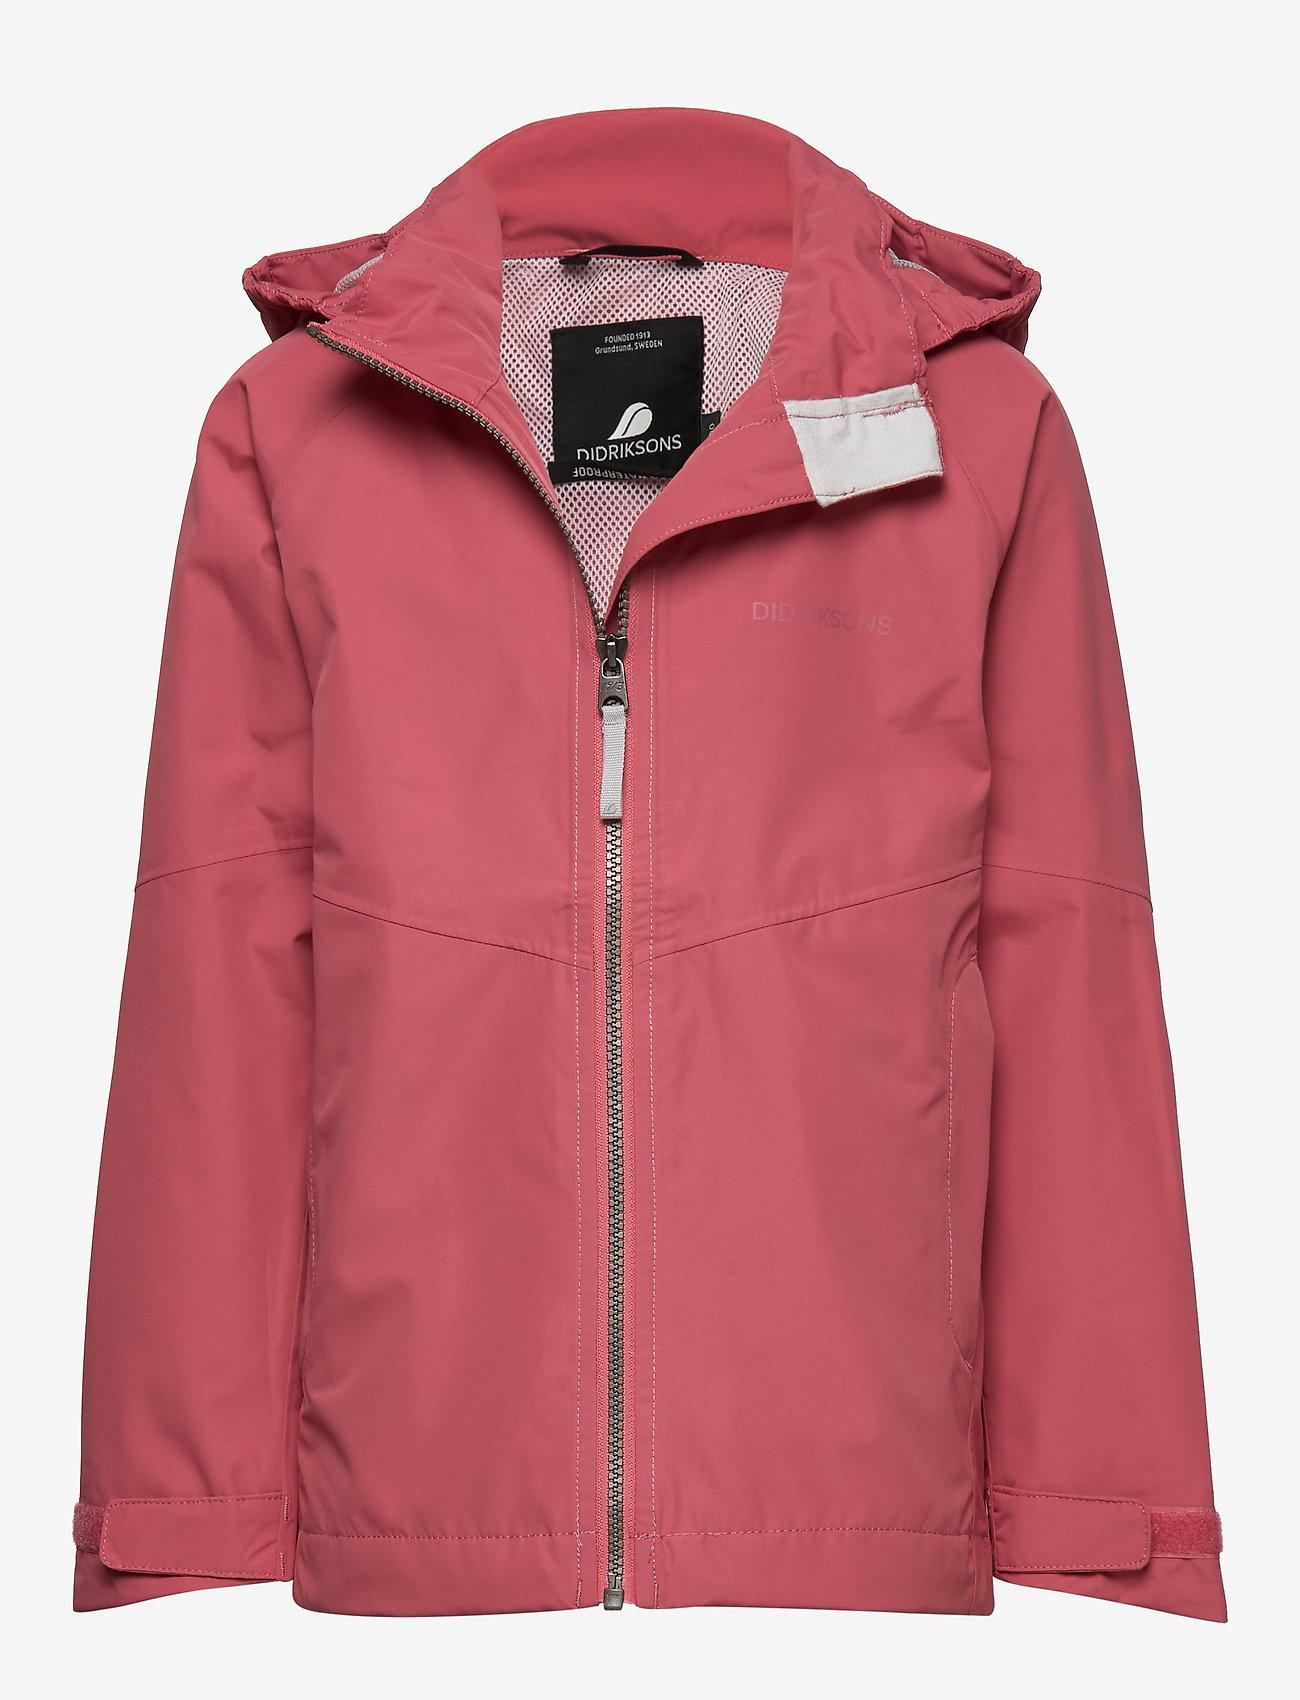 Didriksons - TERA GIRLS JKT 3 - shell jacket - pink blush - 1